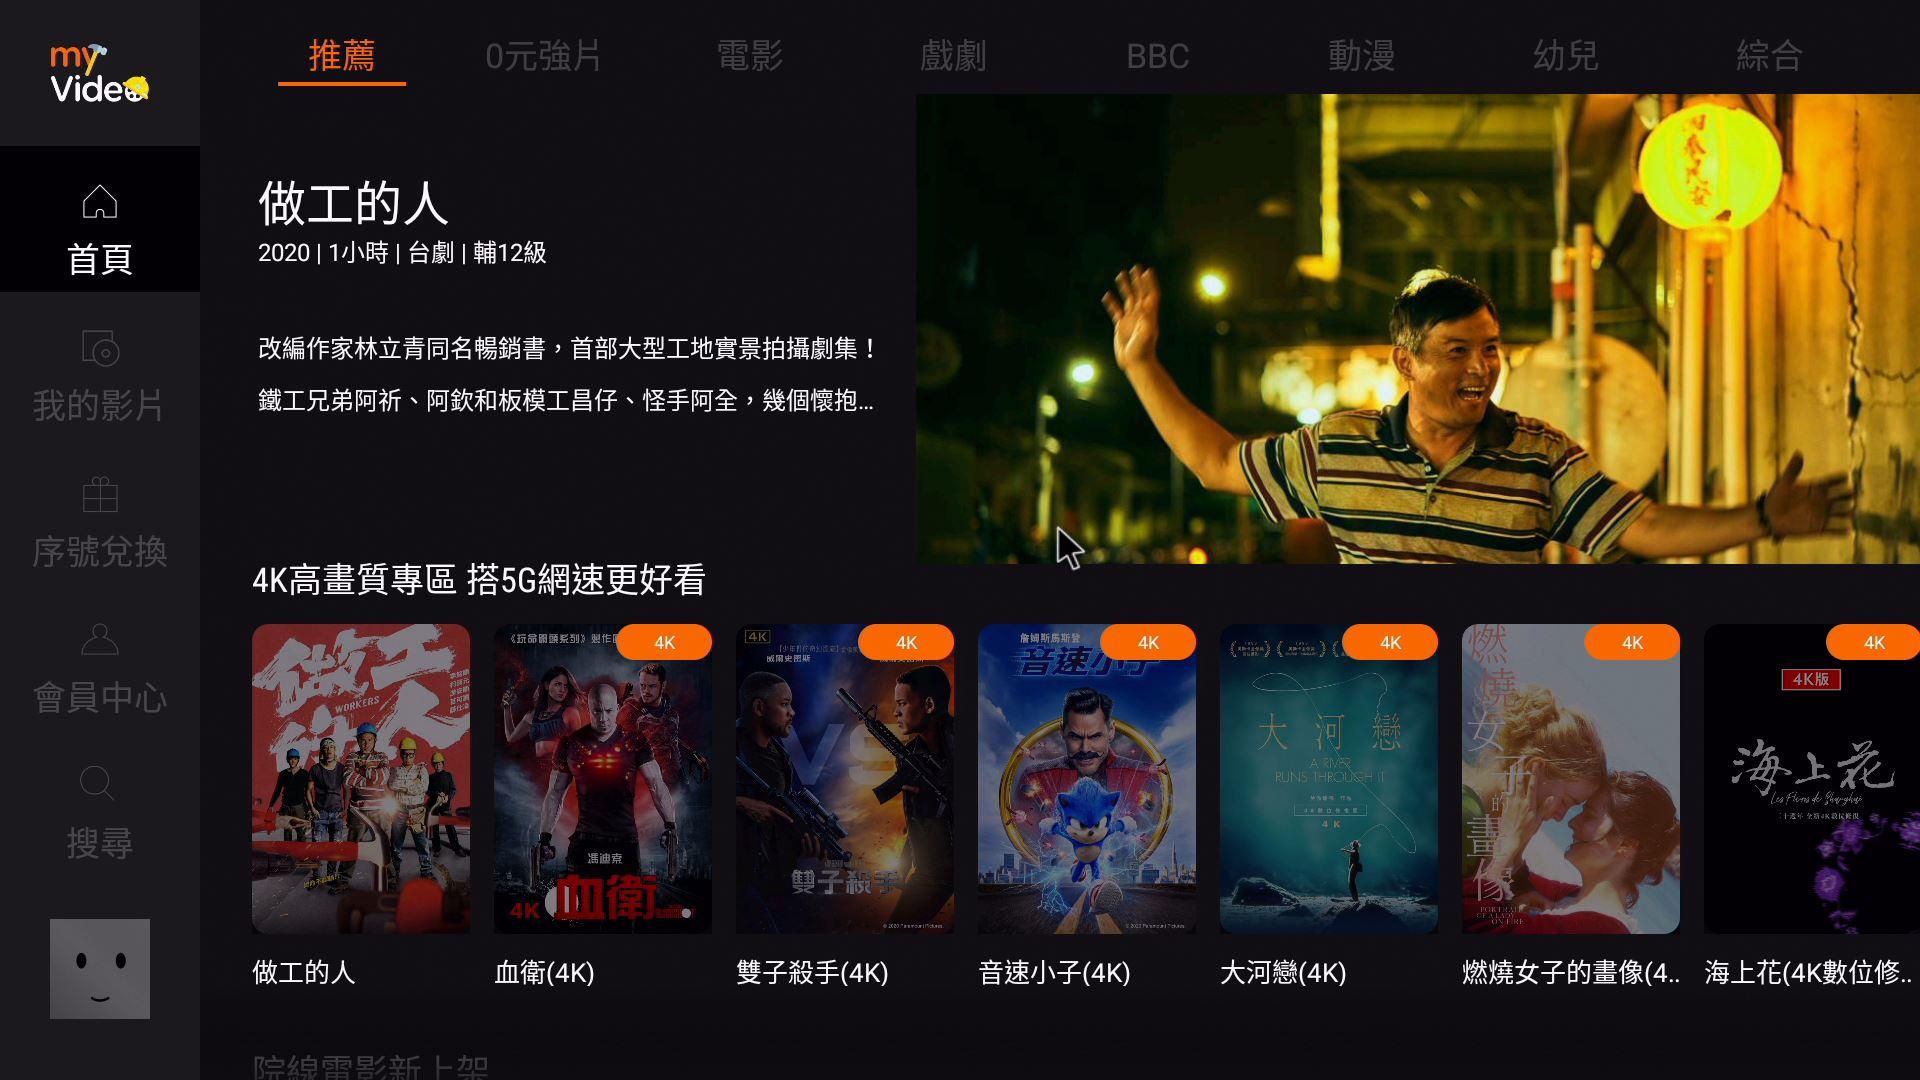 雷爵RockTek G1 4K HDR電視盒-無痛升級Google授權Android TV系統,語音助理免動手 - 49